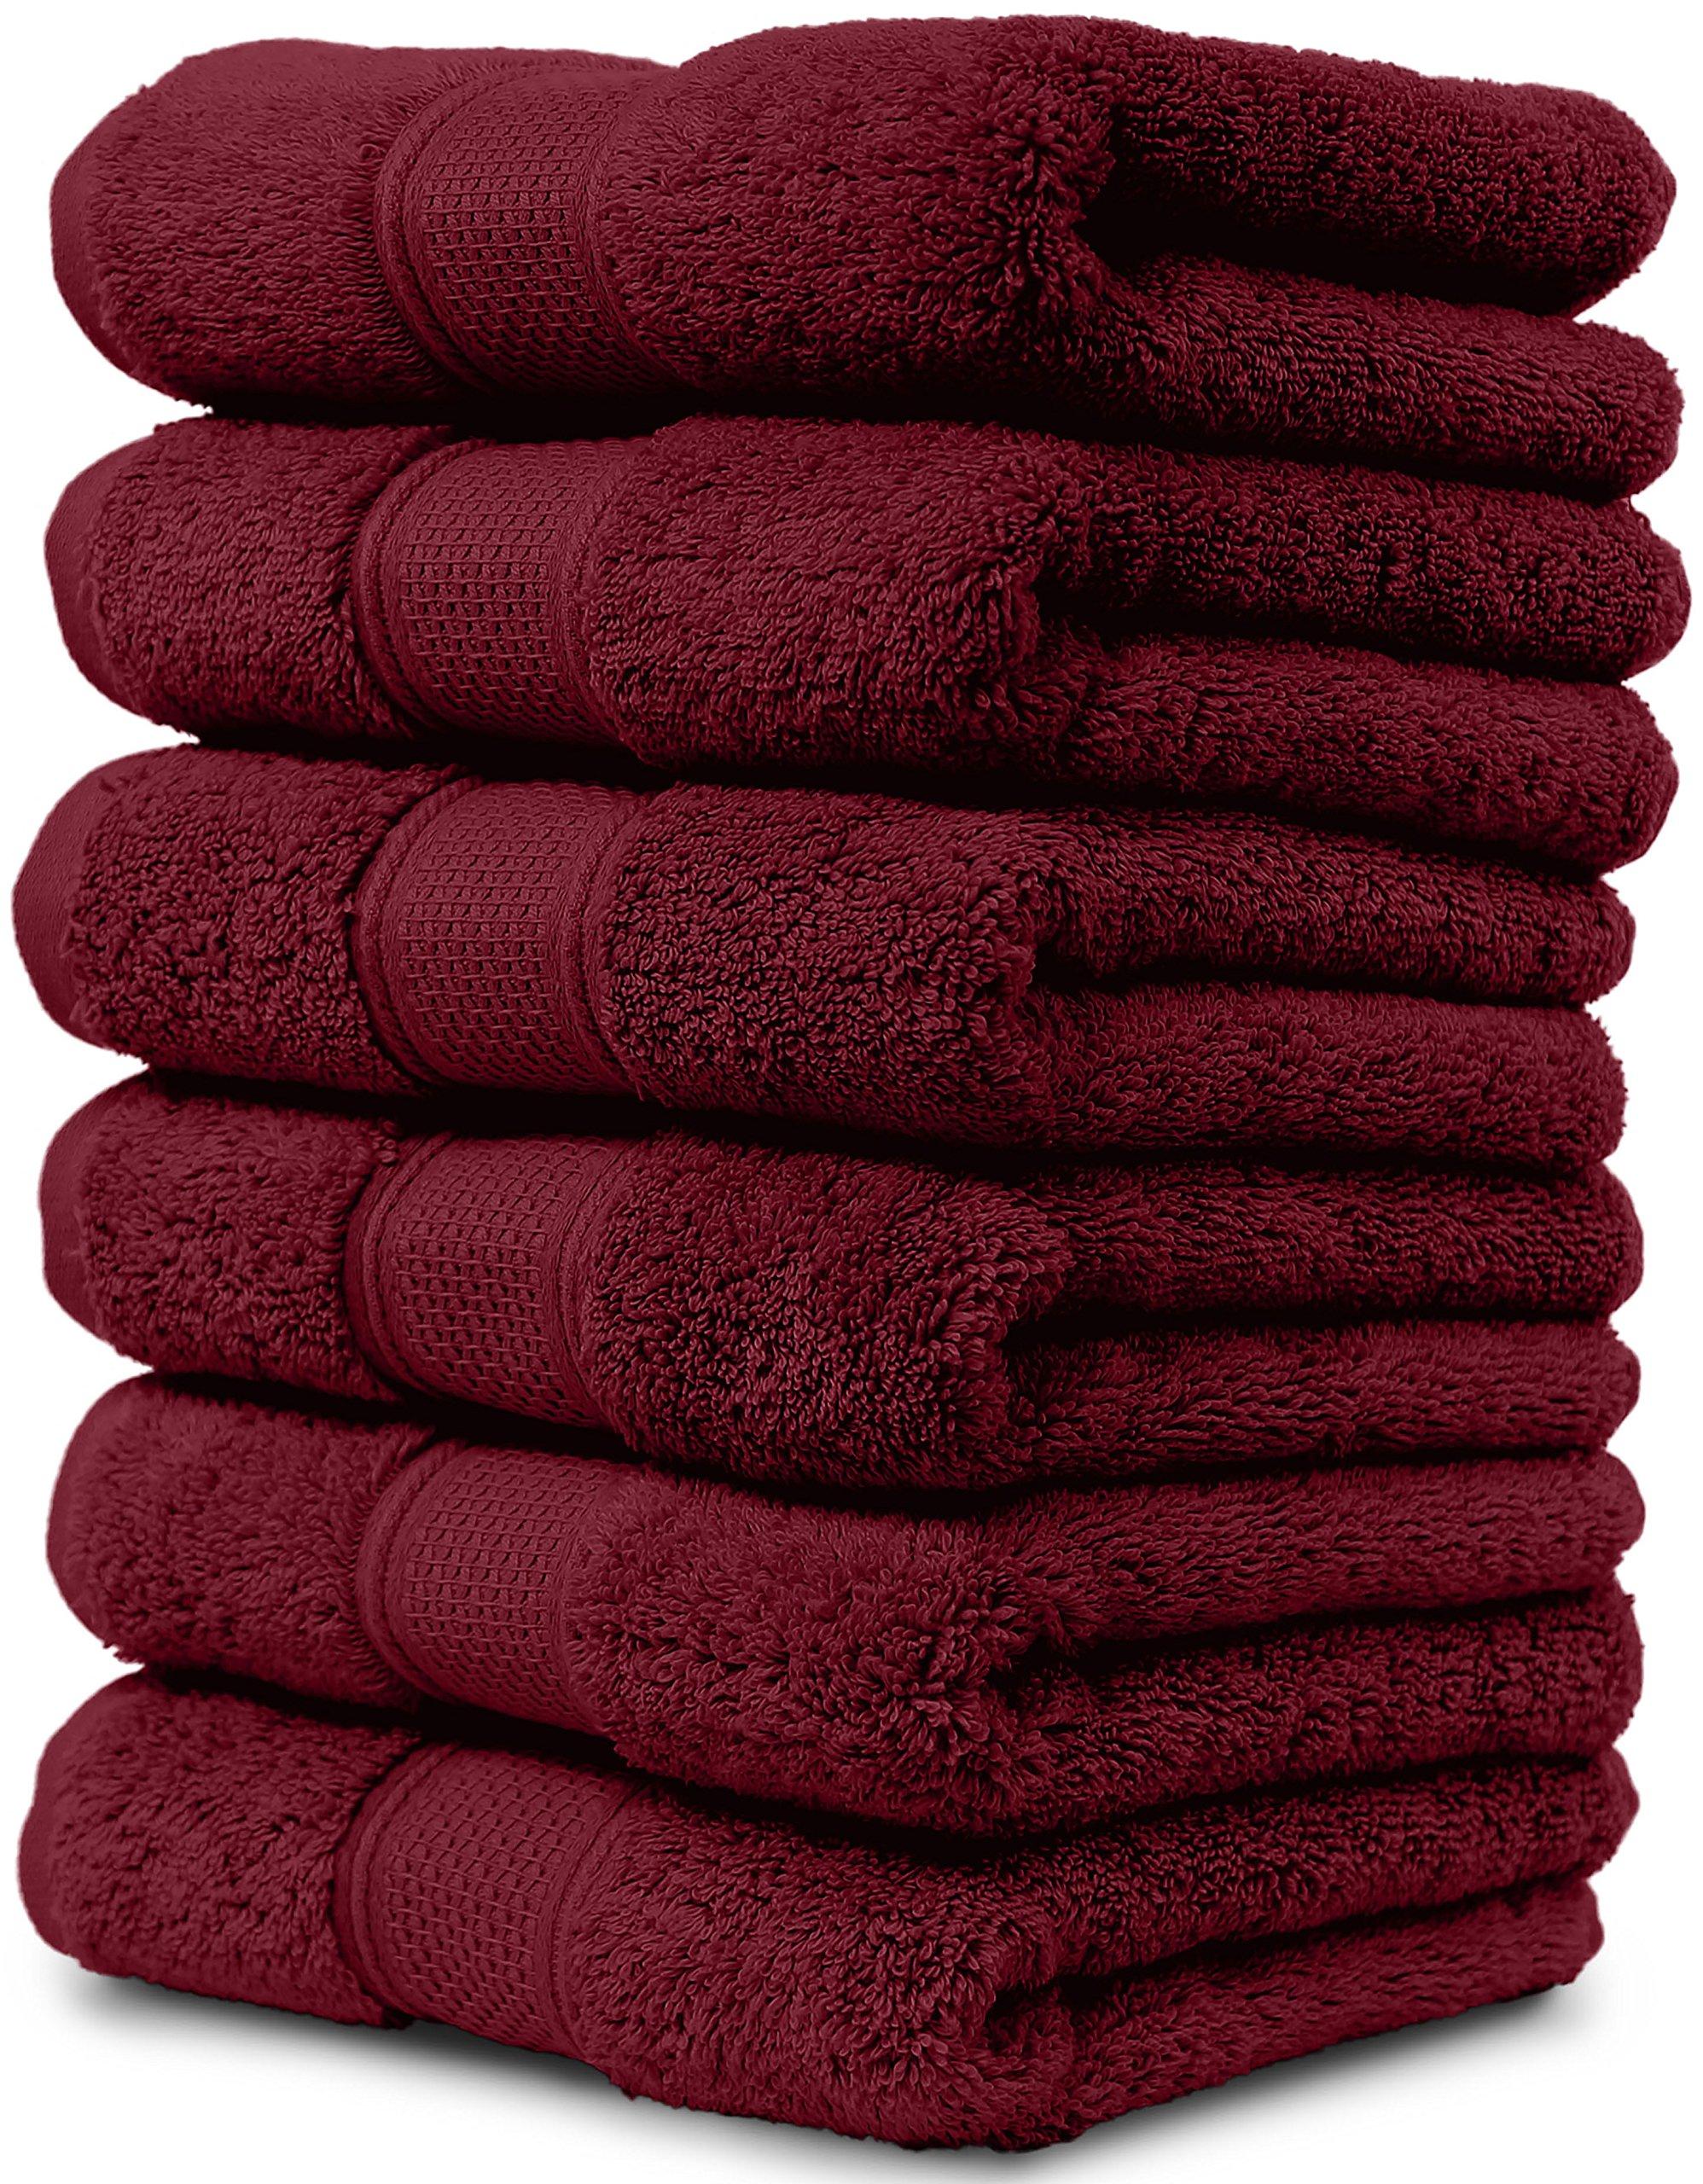 Maura 6 Piece Hand Towel Set. 2017 Premium Quality